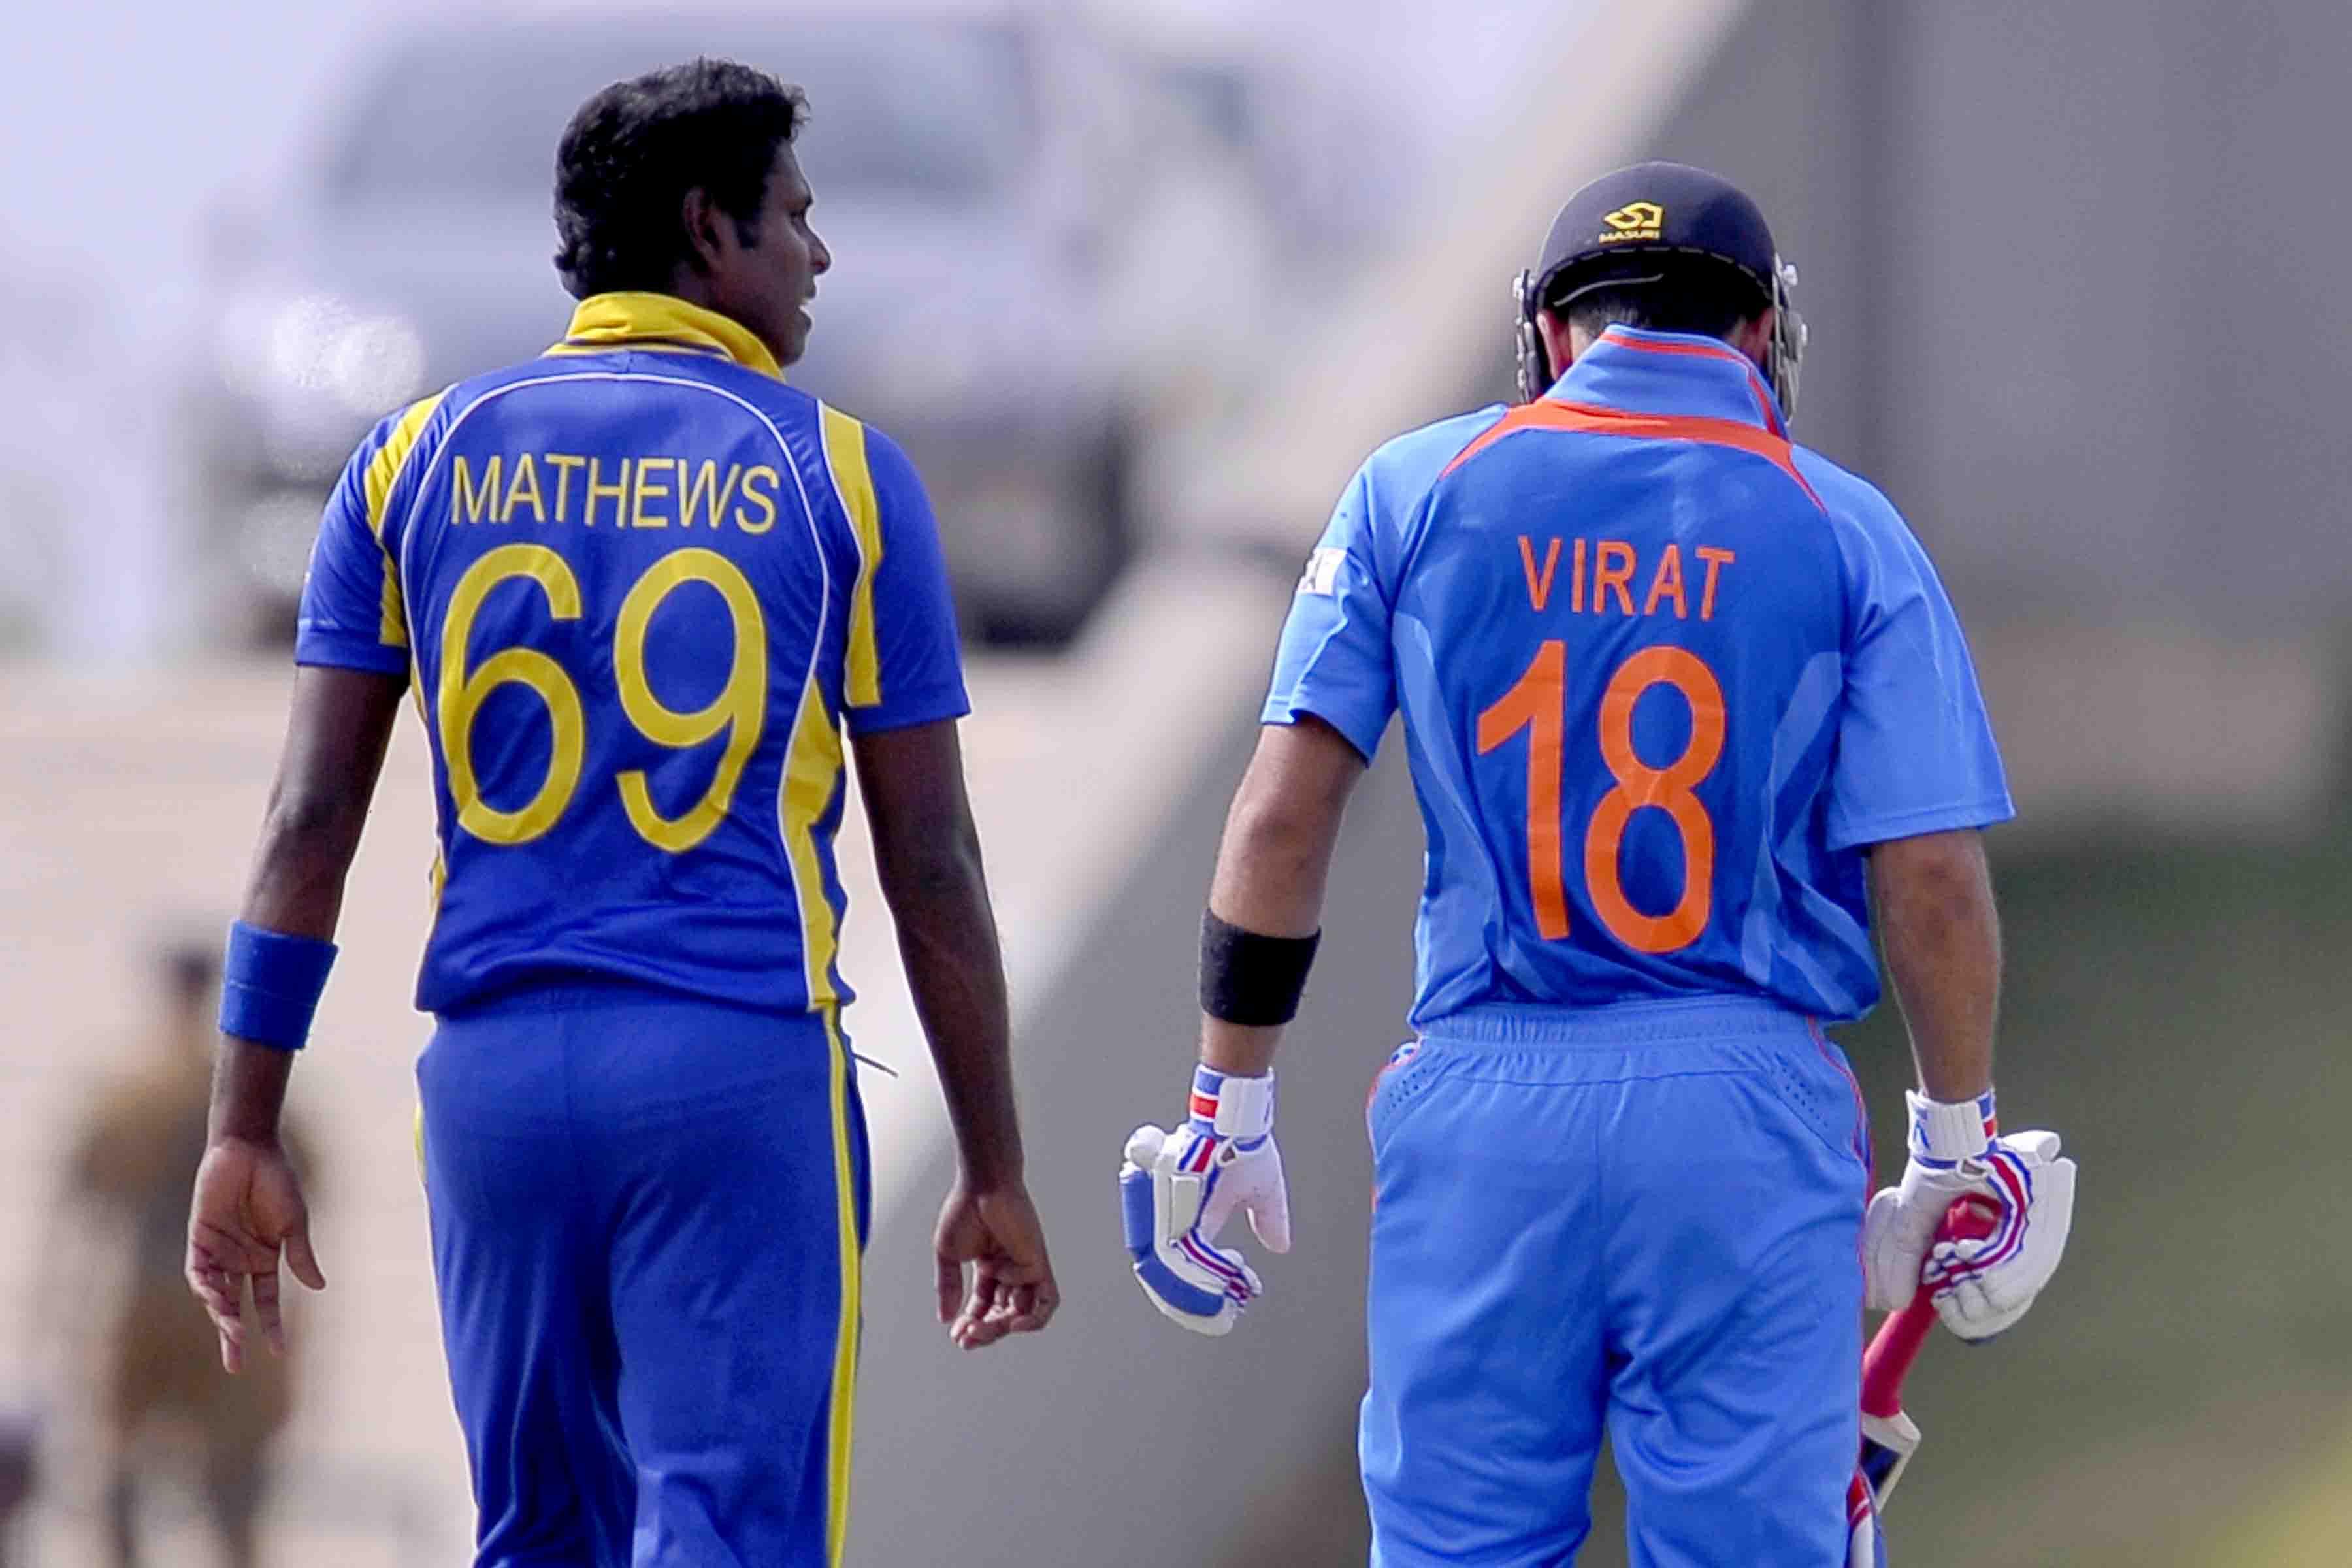 दिल्ली टेस्ट के बीच टीम के एक और विदेशी दौरे की हुई घोषणा